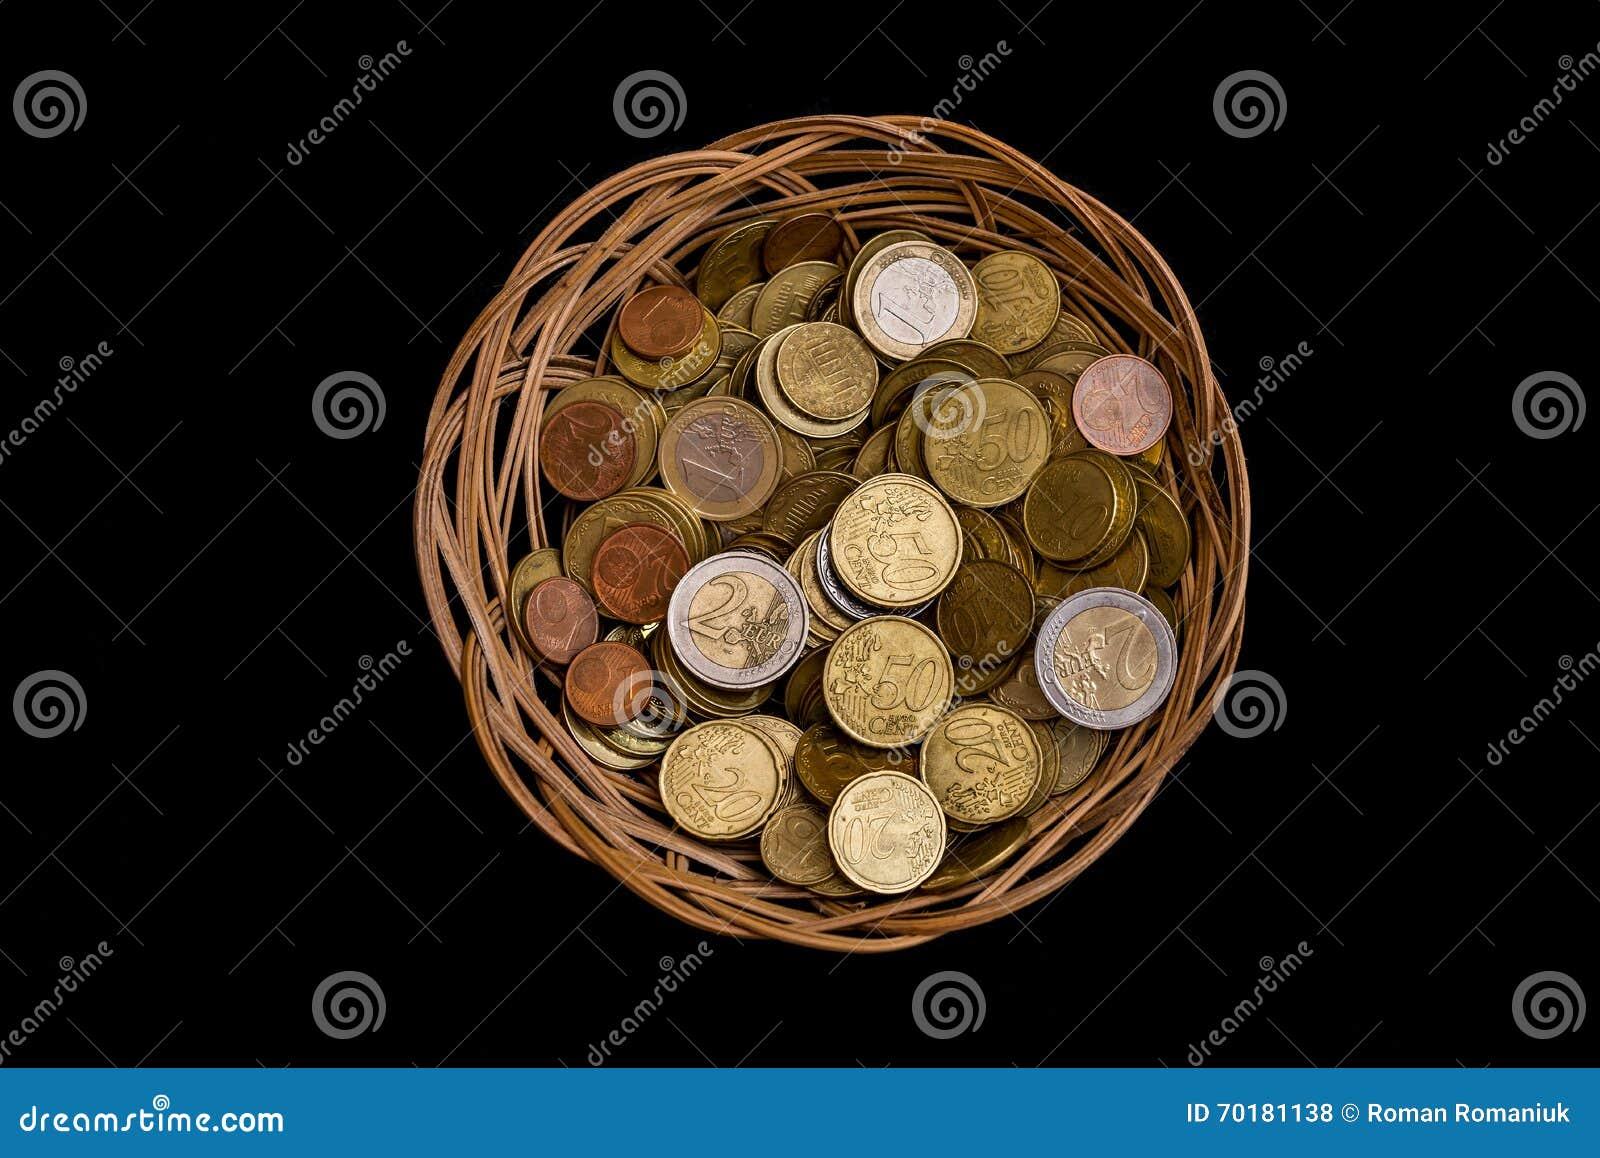 Vide- korg med mynt